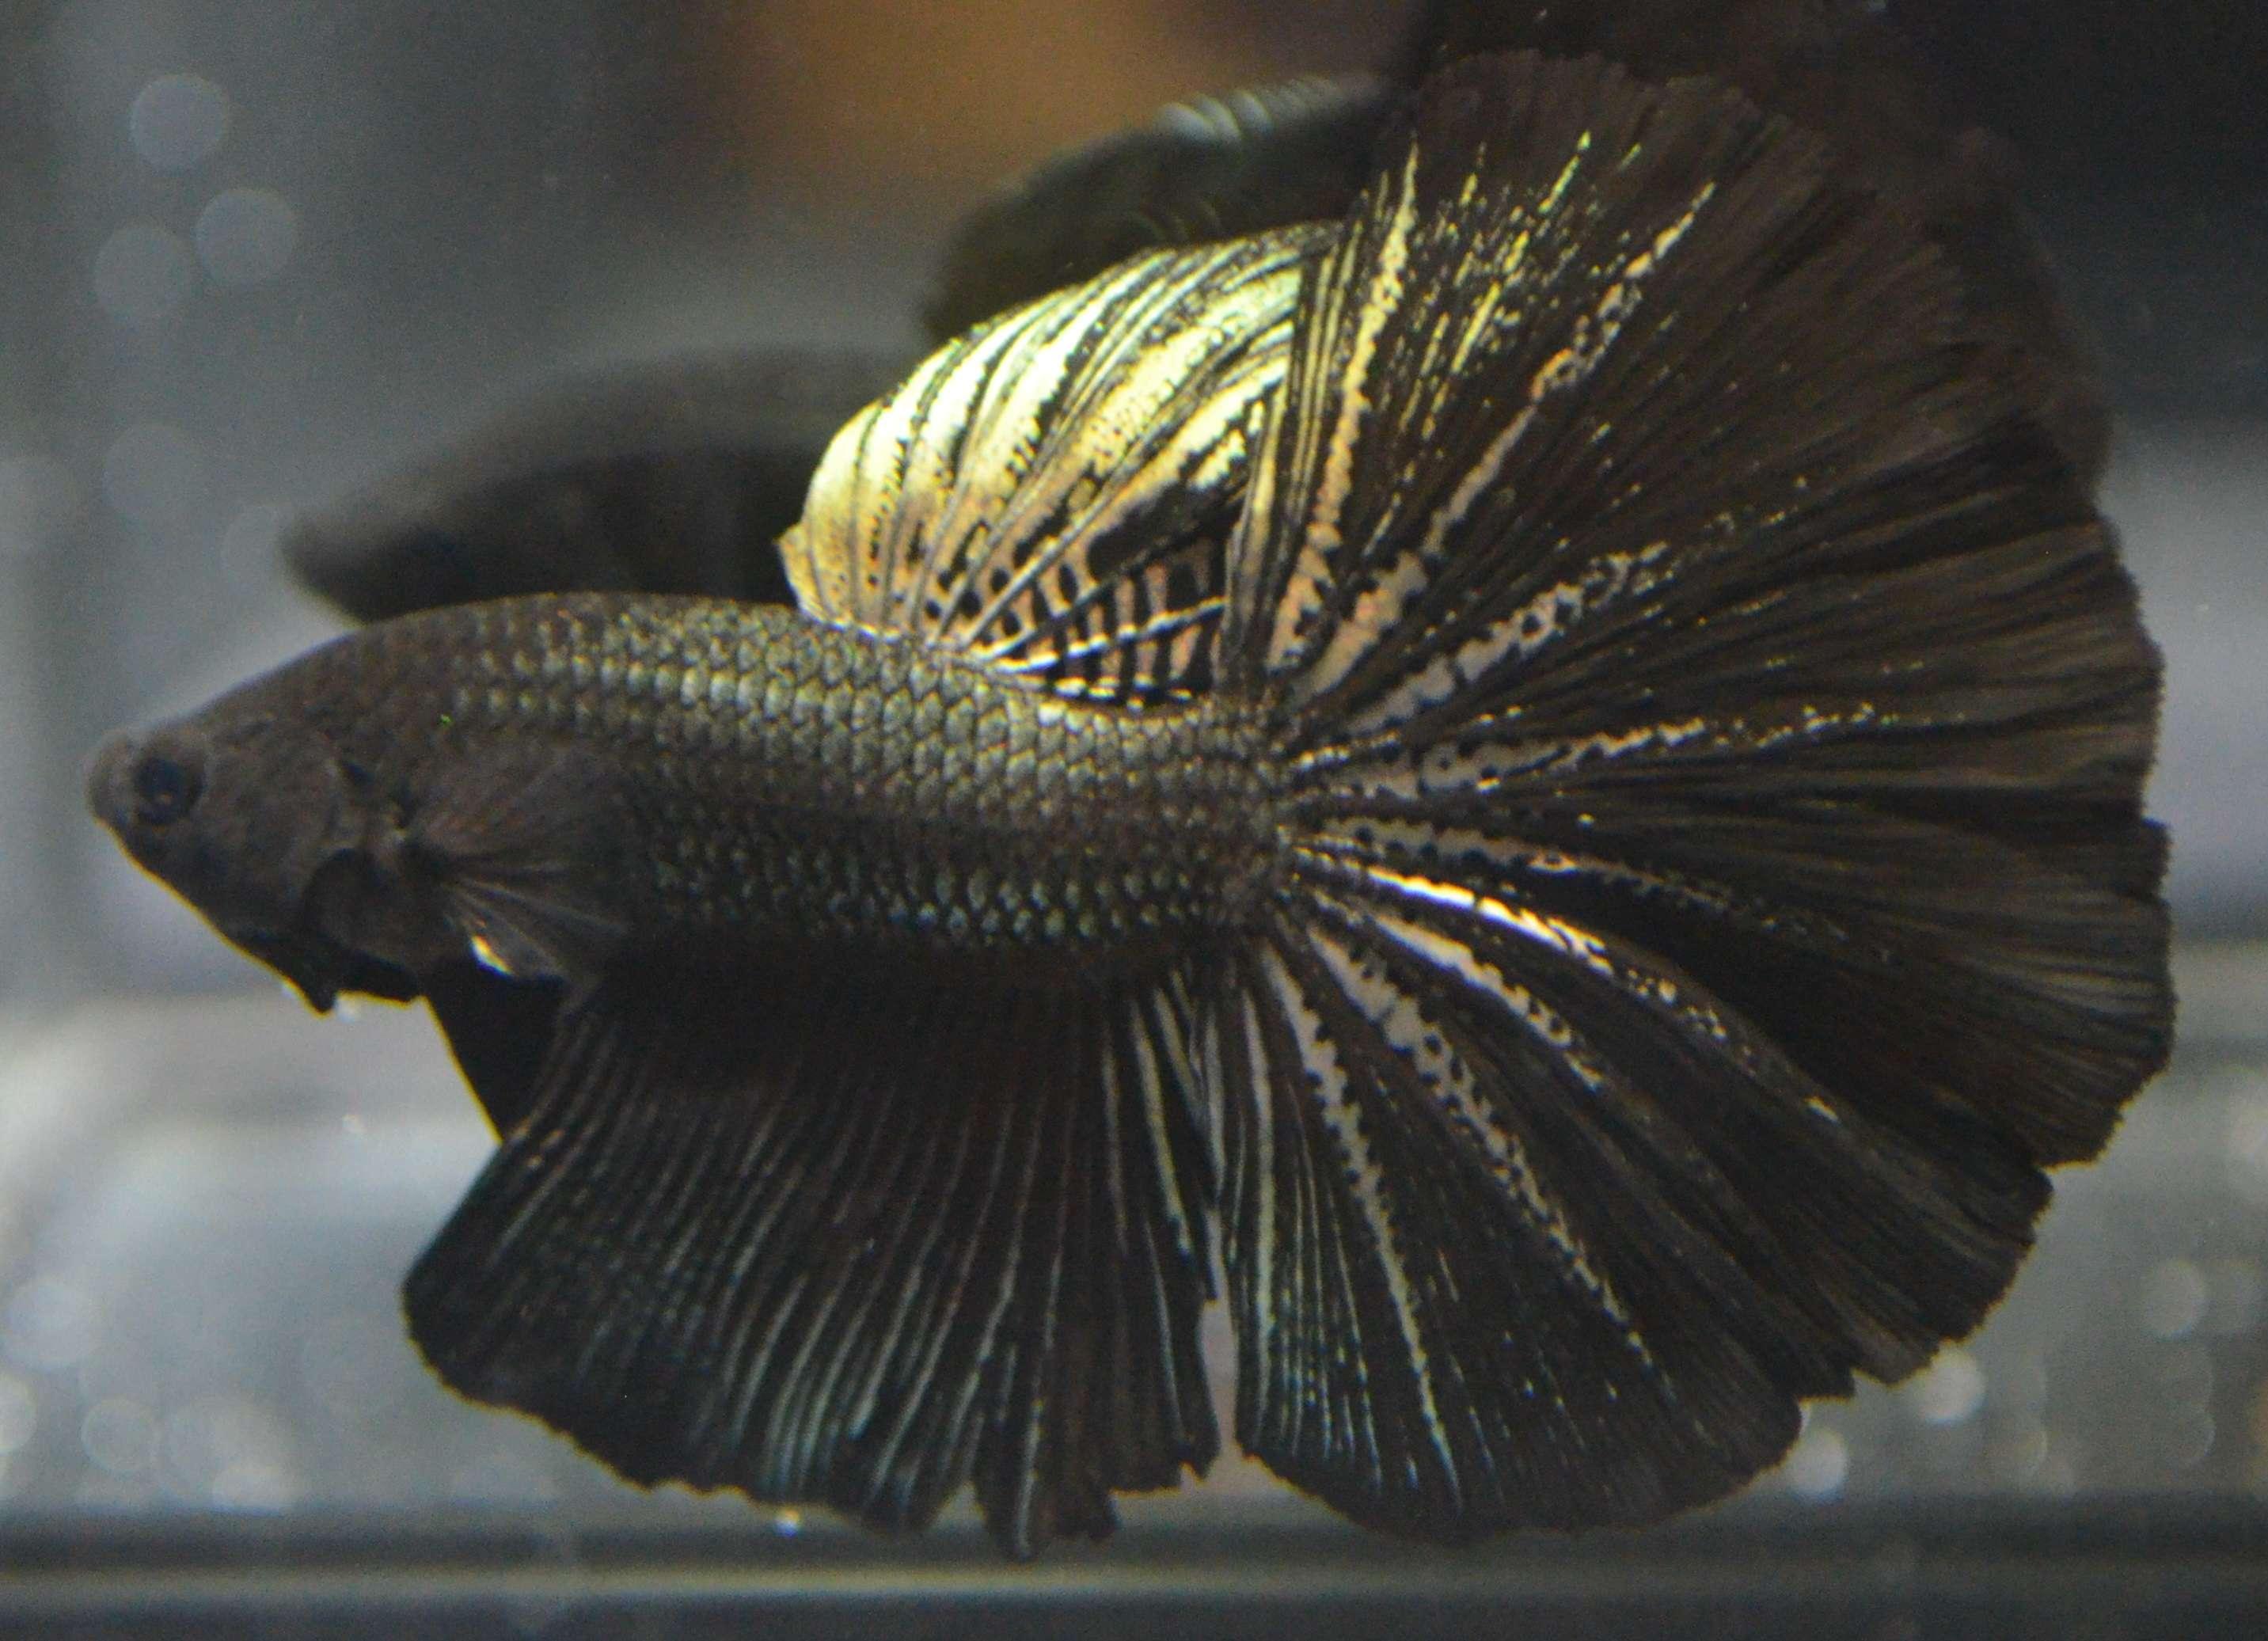 live betta fish-SUPER RARE BLACK & COPPER HALFMOON MALE ...  live betta fish...